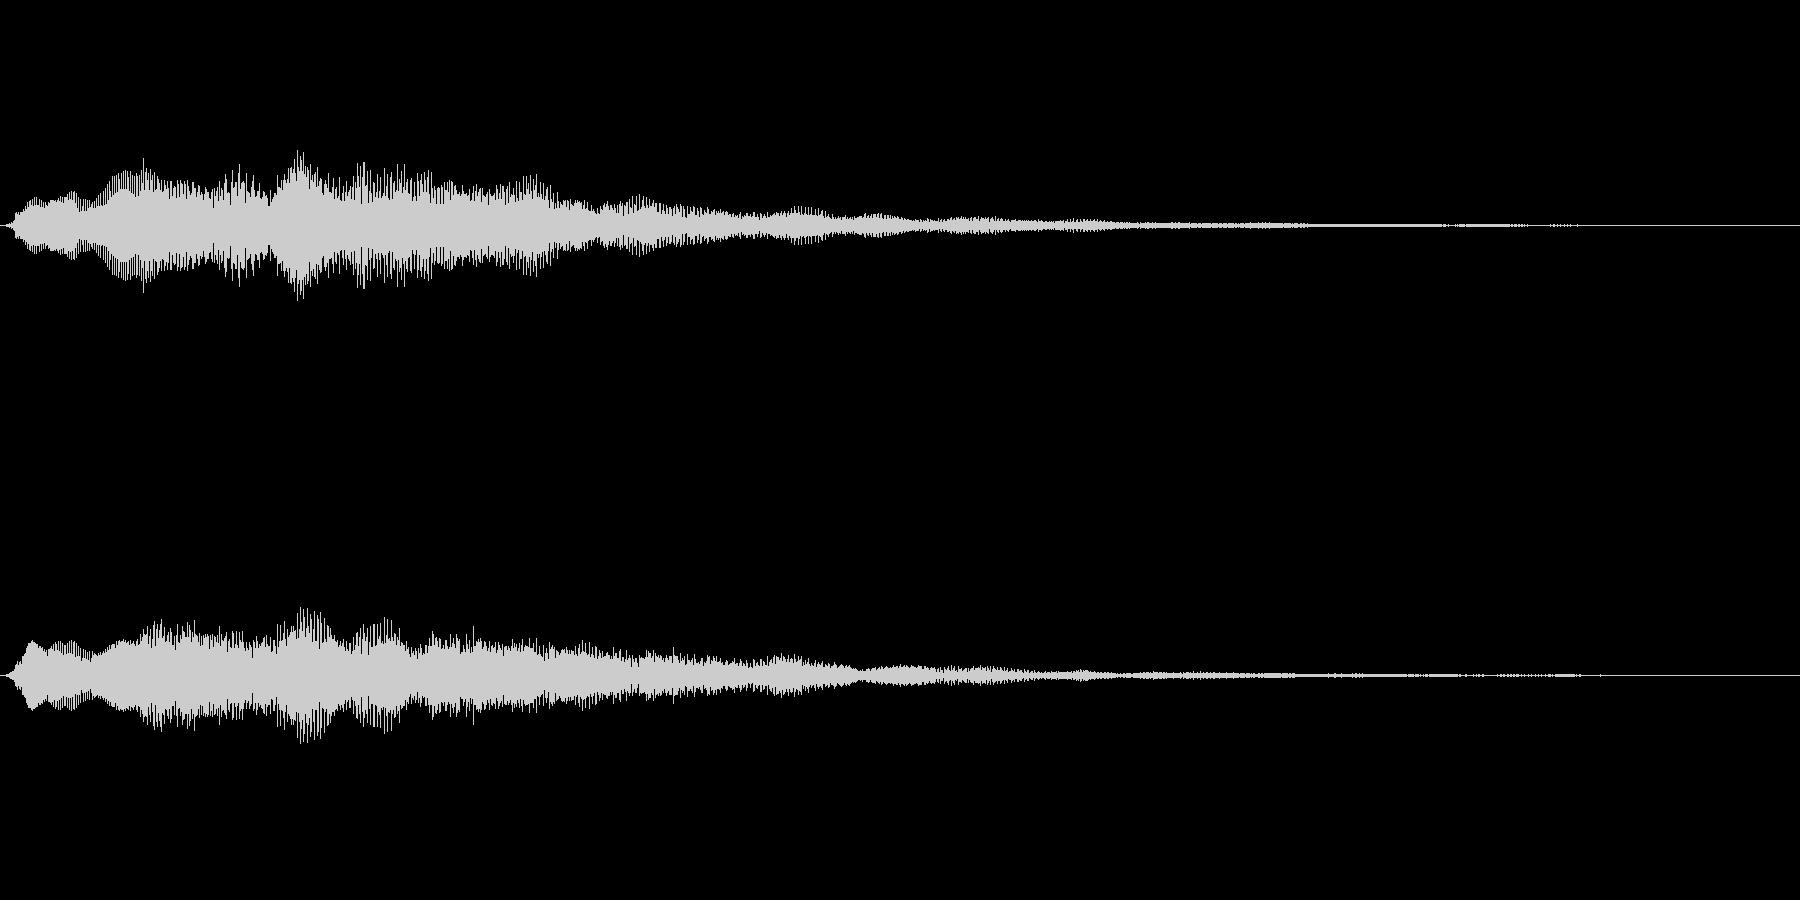 企業ロゴ表示用サウンドロゴ1(シンプル)の未再生の波形